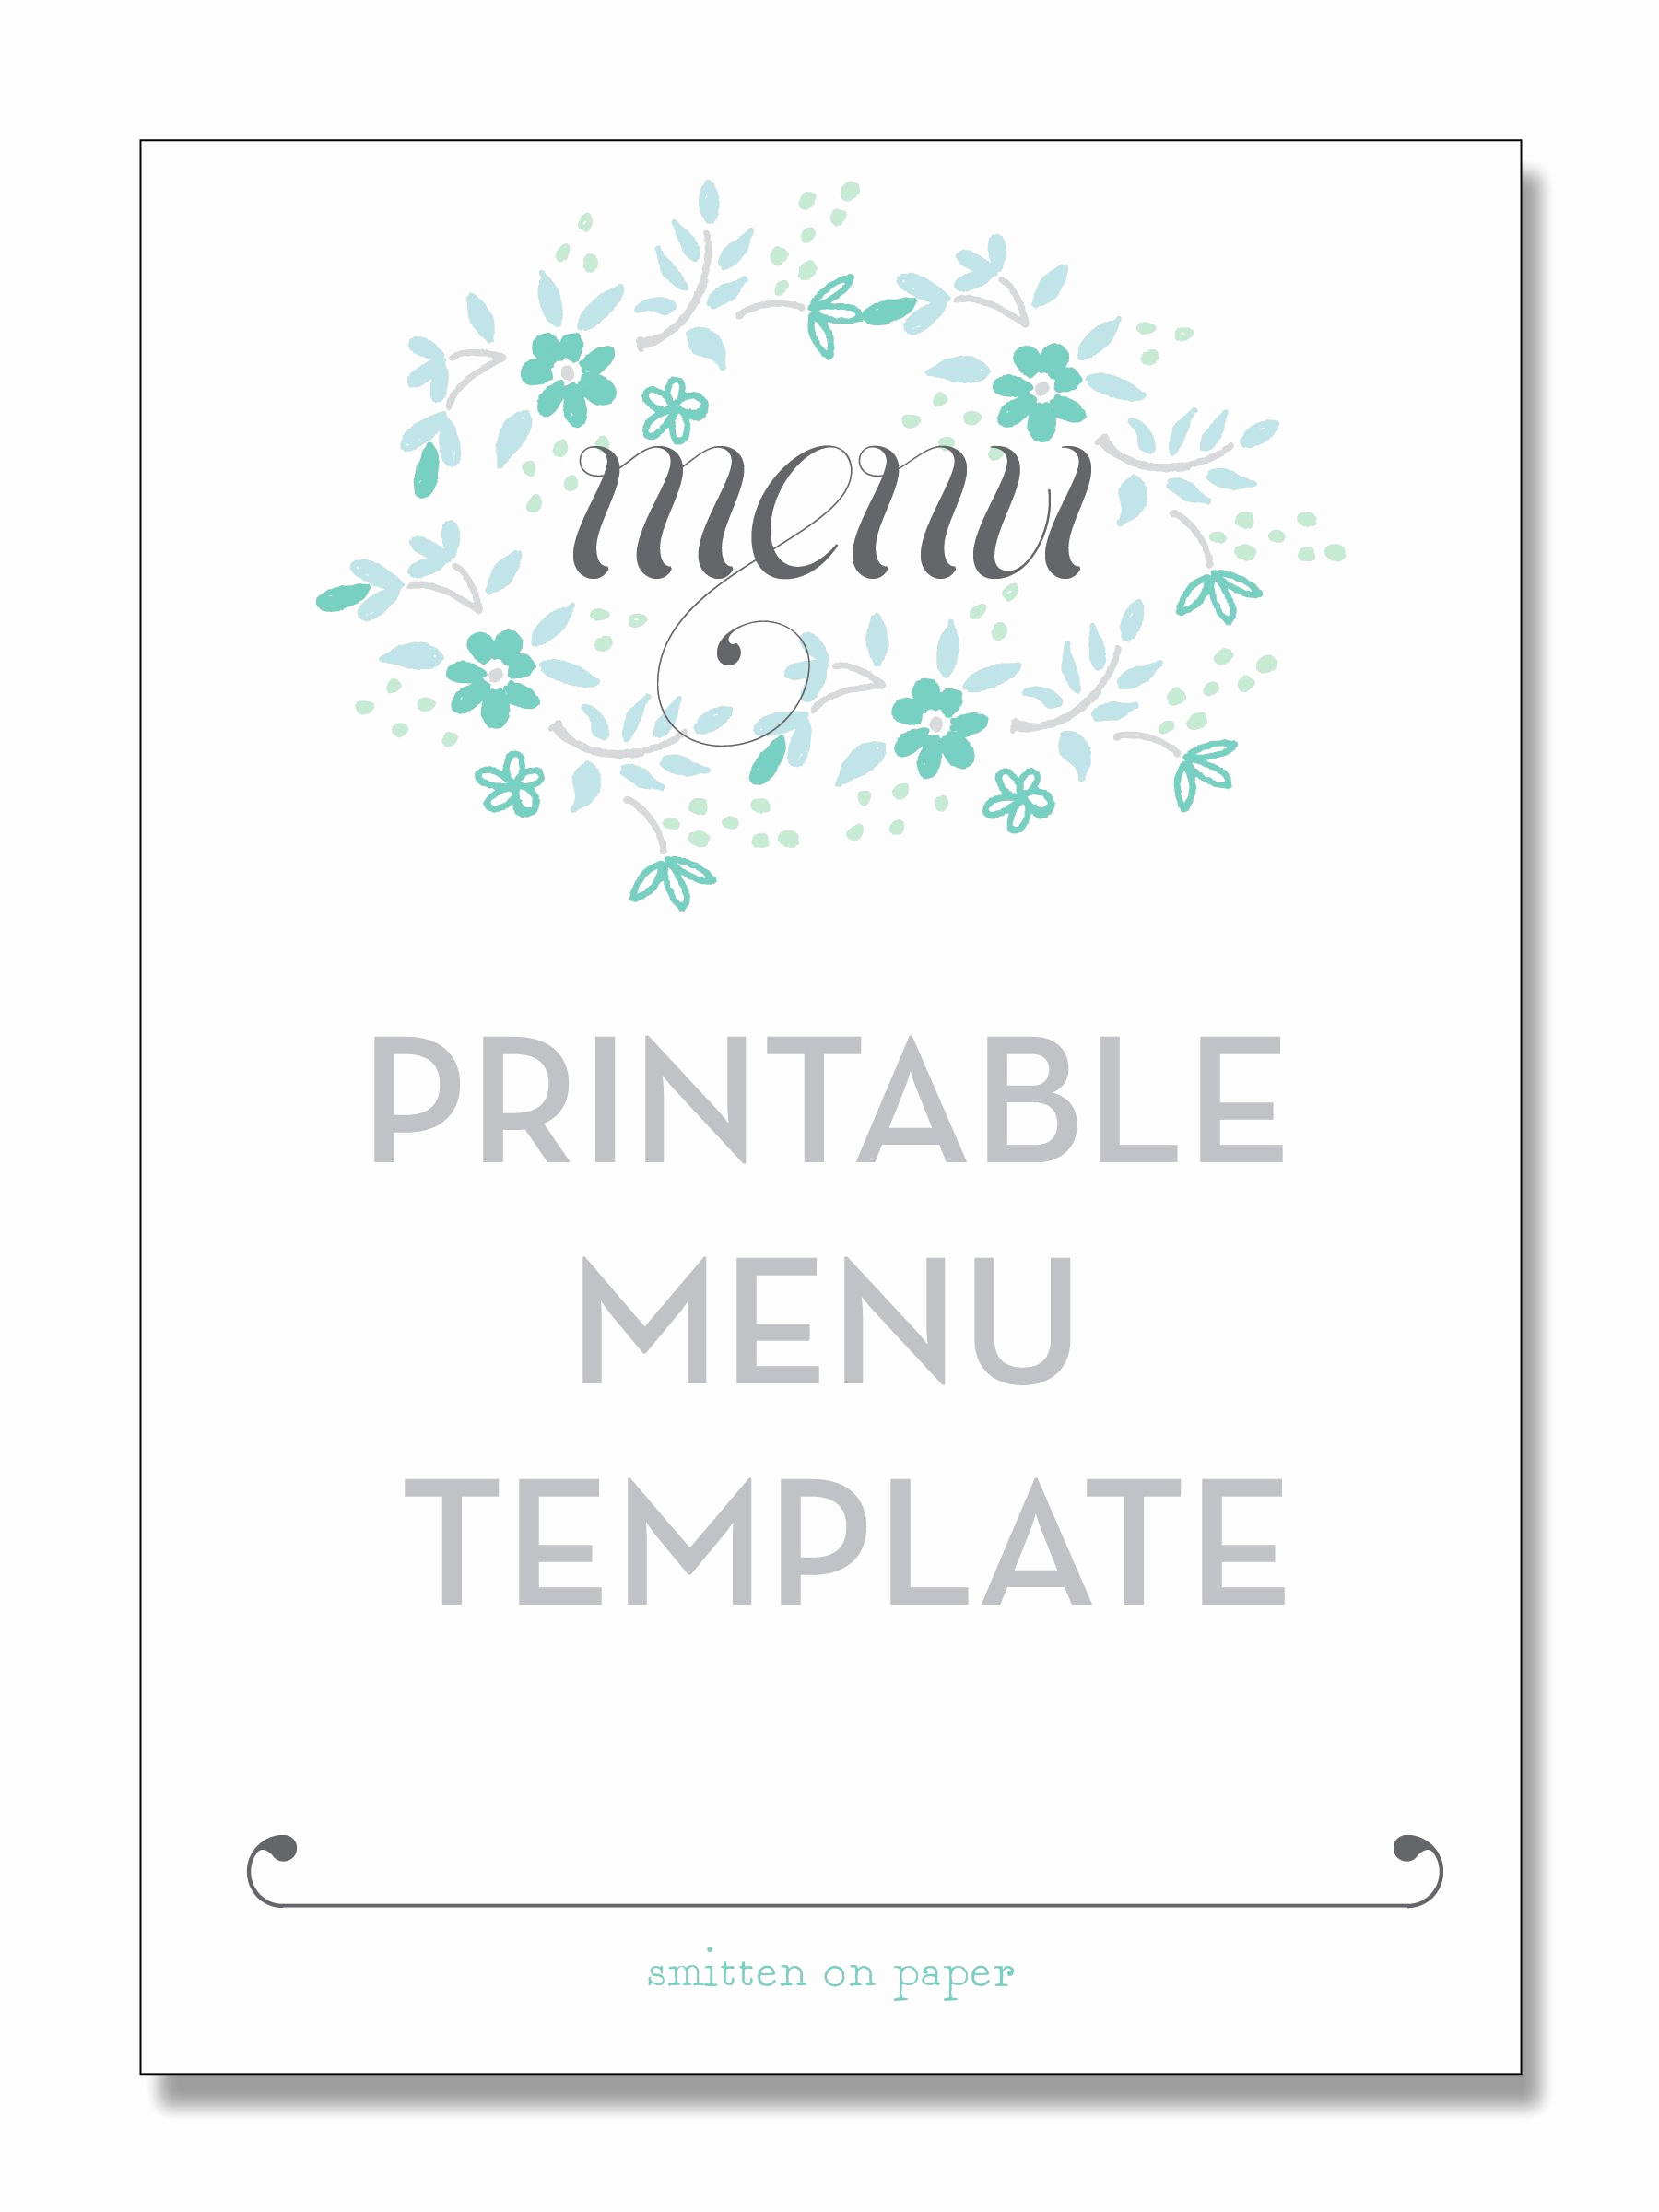 Blank Menu Template Free Download Lovely Freebie Friday Printable Menu